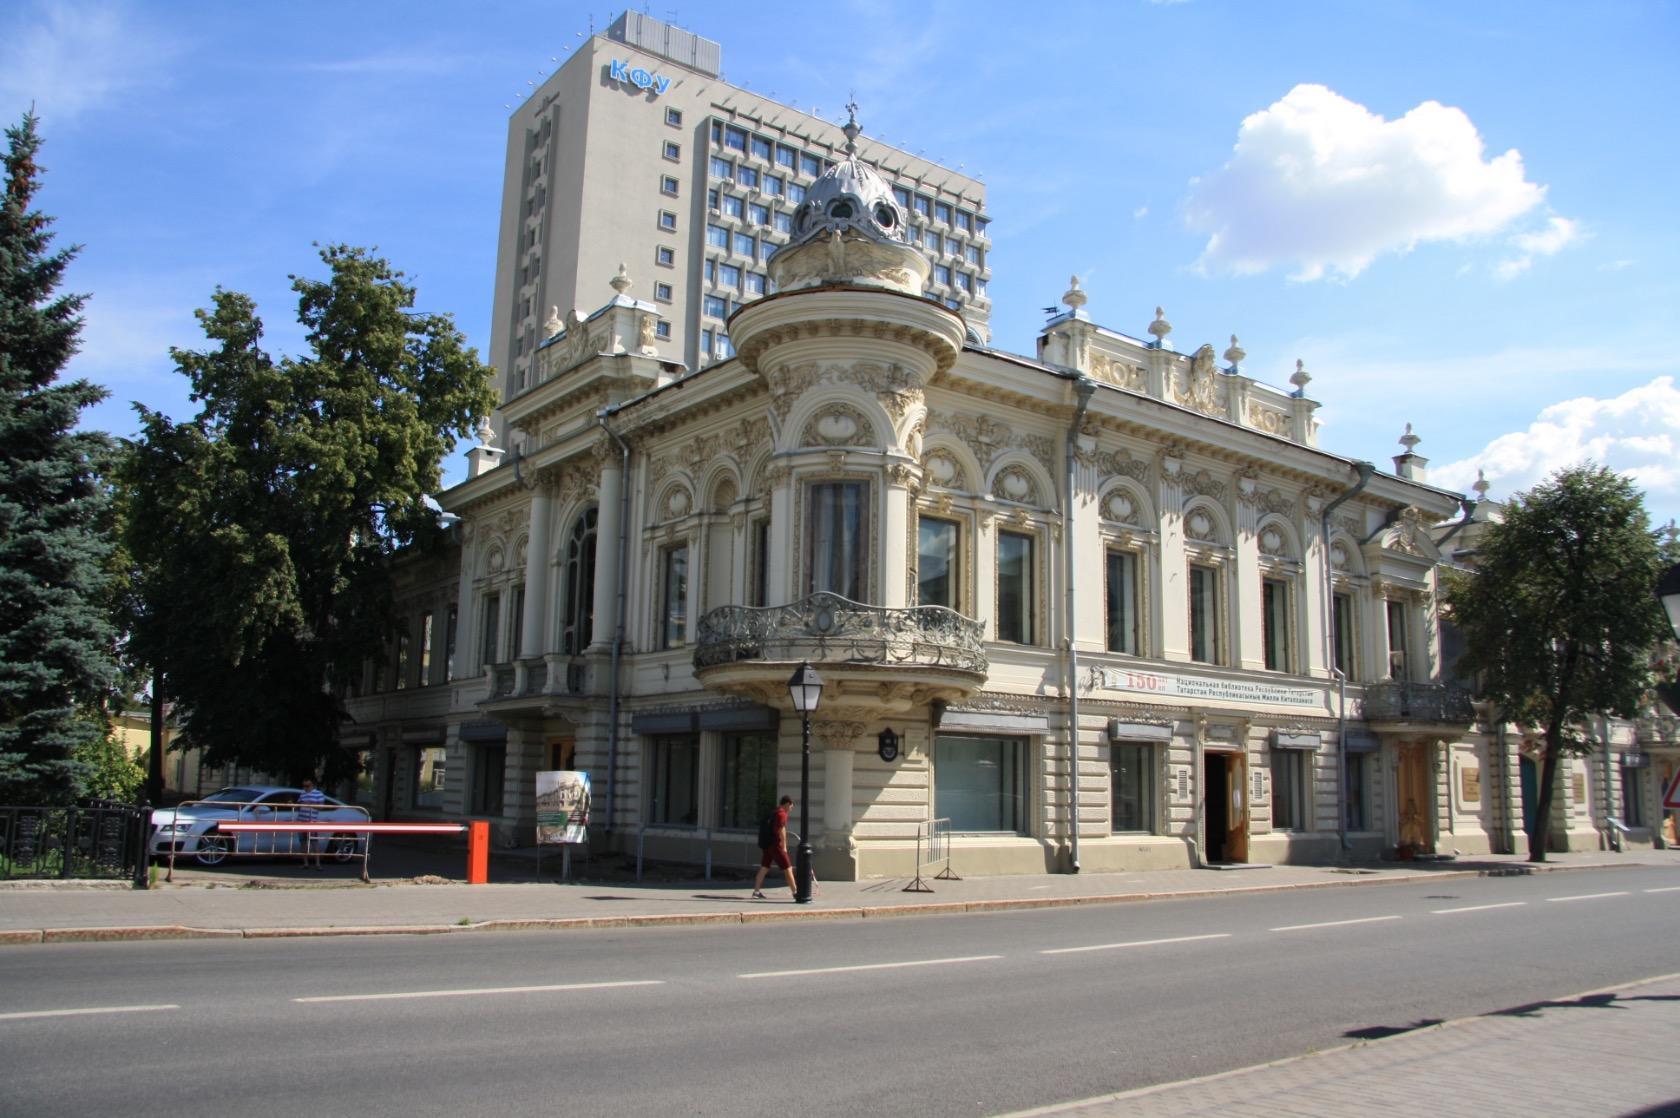 Дом Ушковой: описание, история, экскурсии, точный адрес